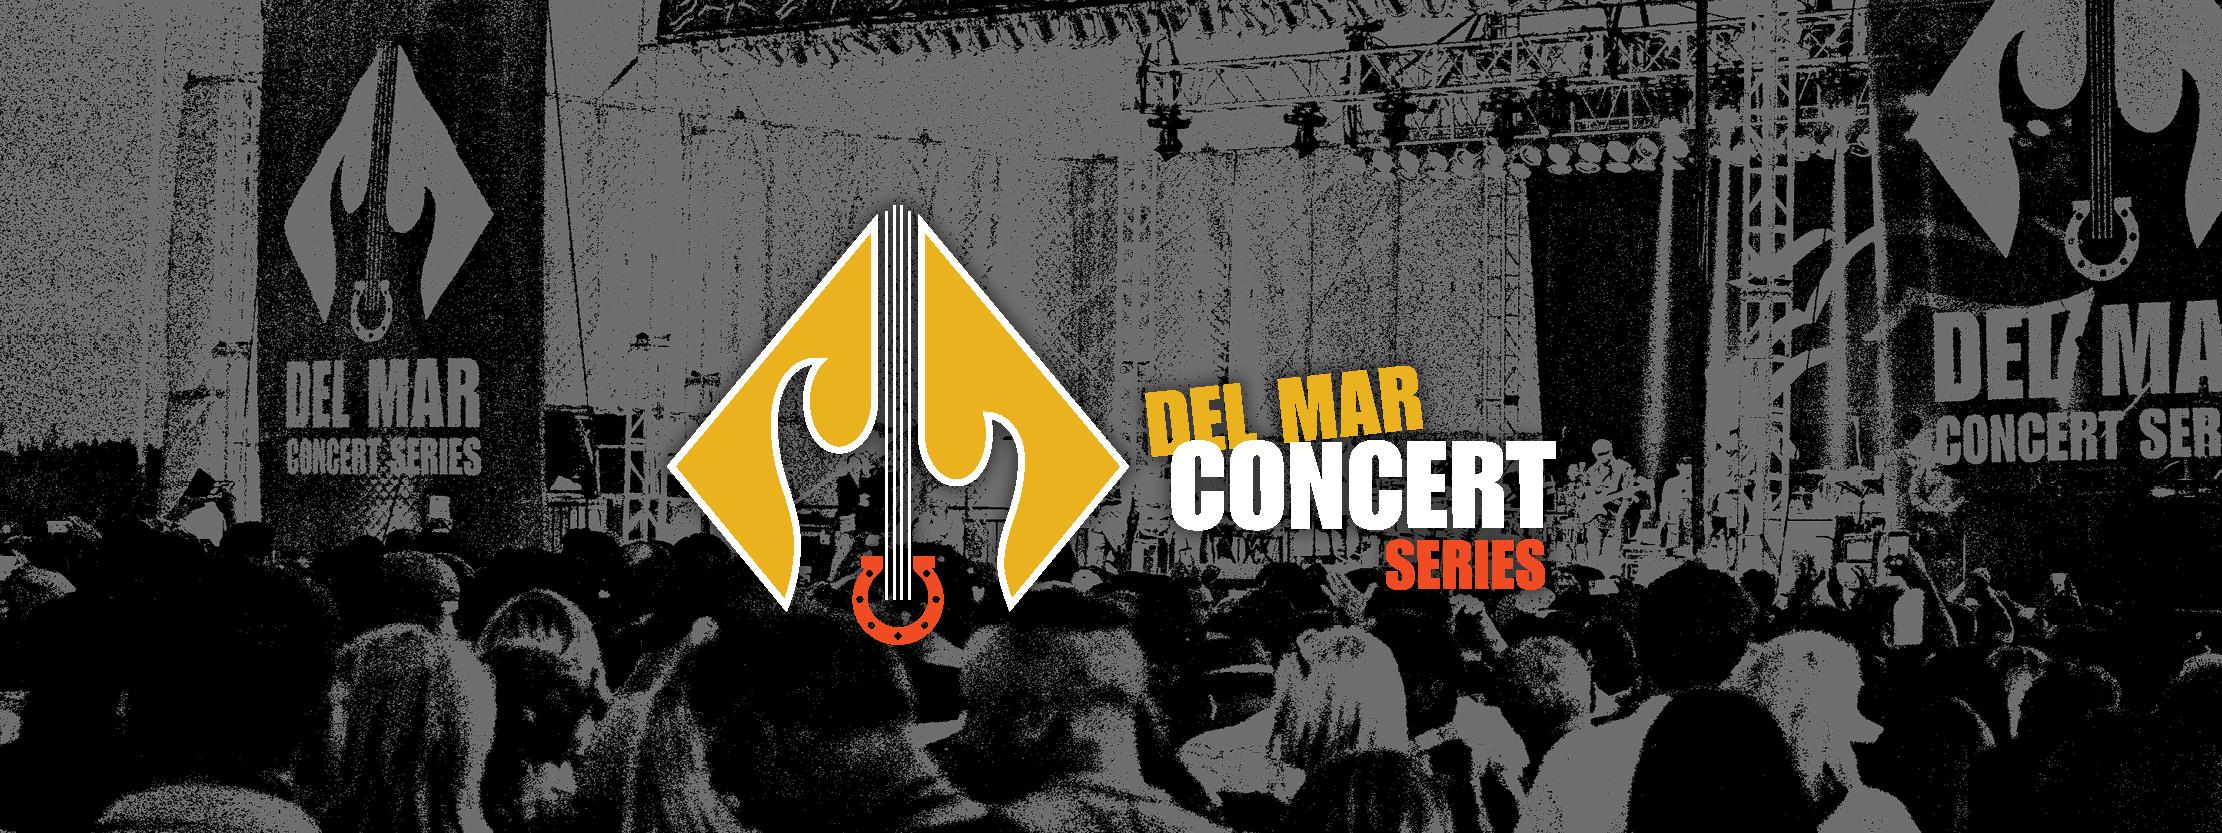 Del Mar Concert Series